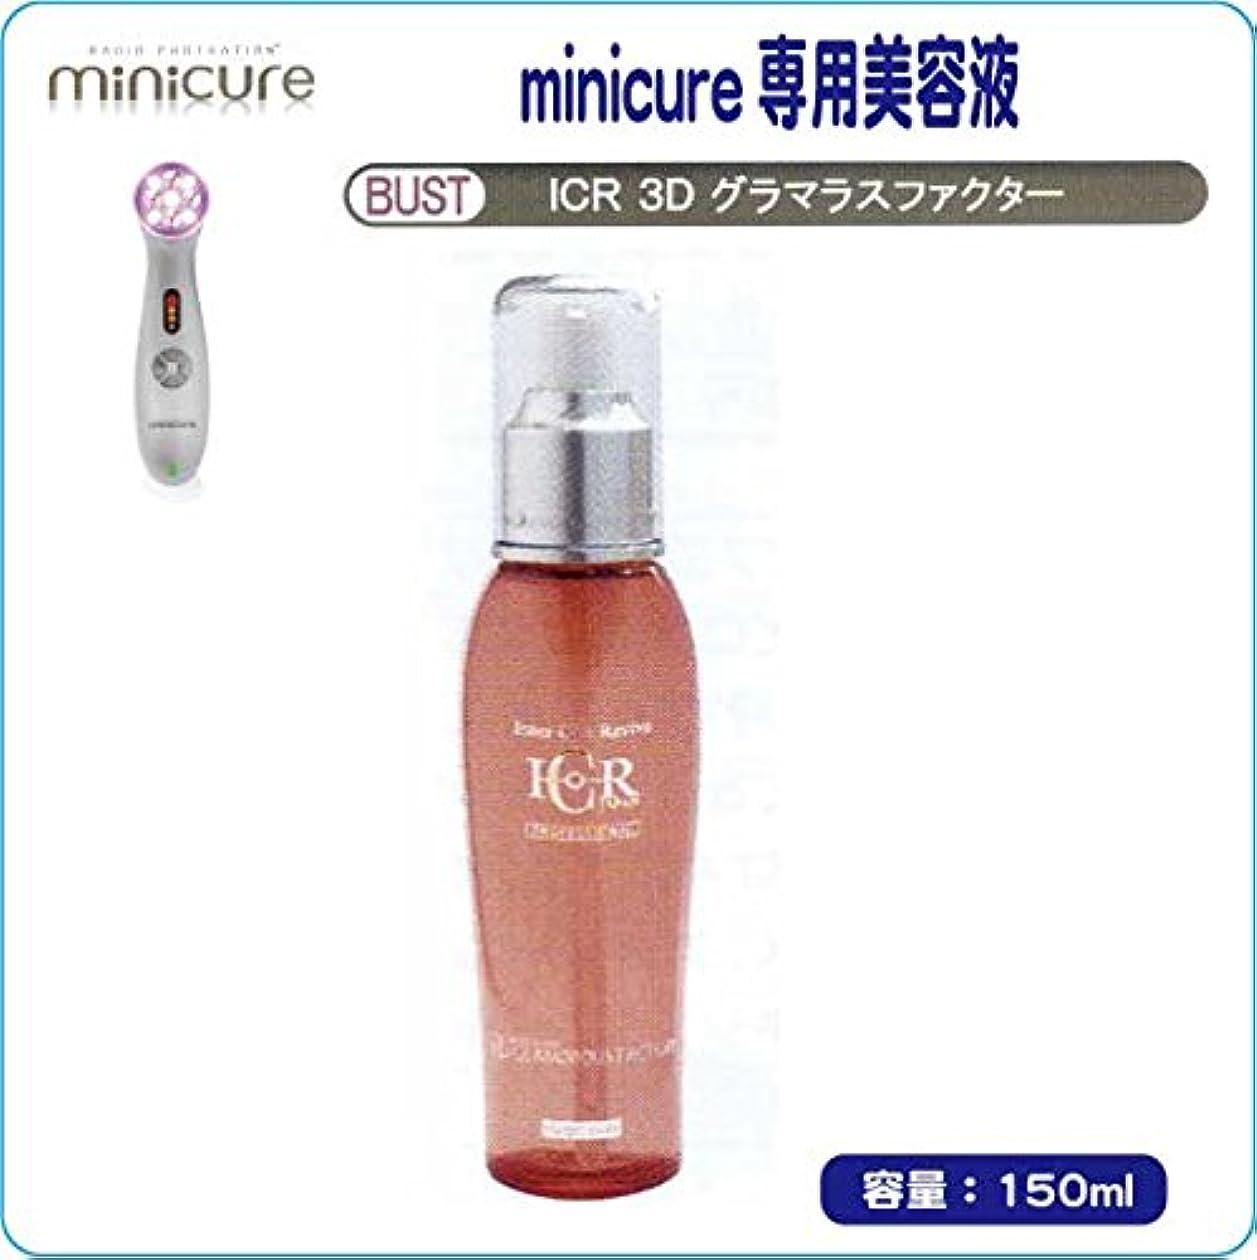 ブリーフケースいっぱい印象的【minicure専用美容液シリーズ】  【BUST】ICR 3D グラマラスファクター  150ml